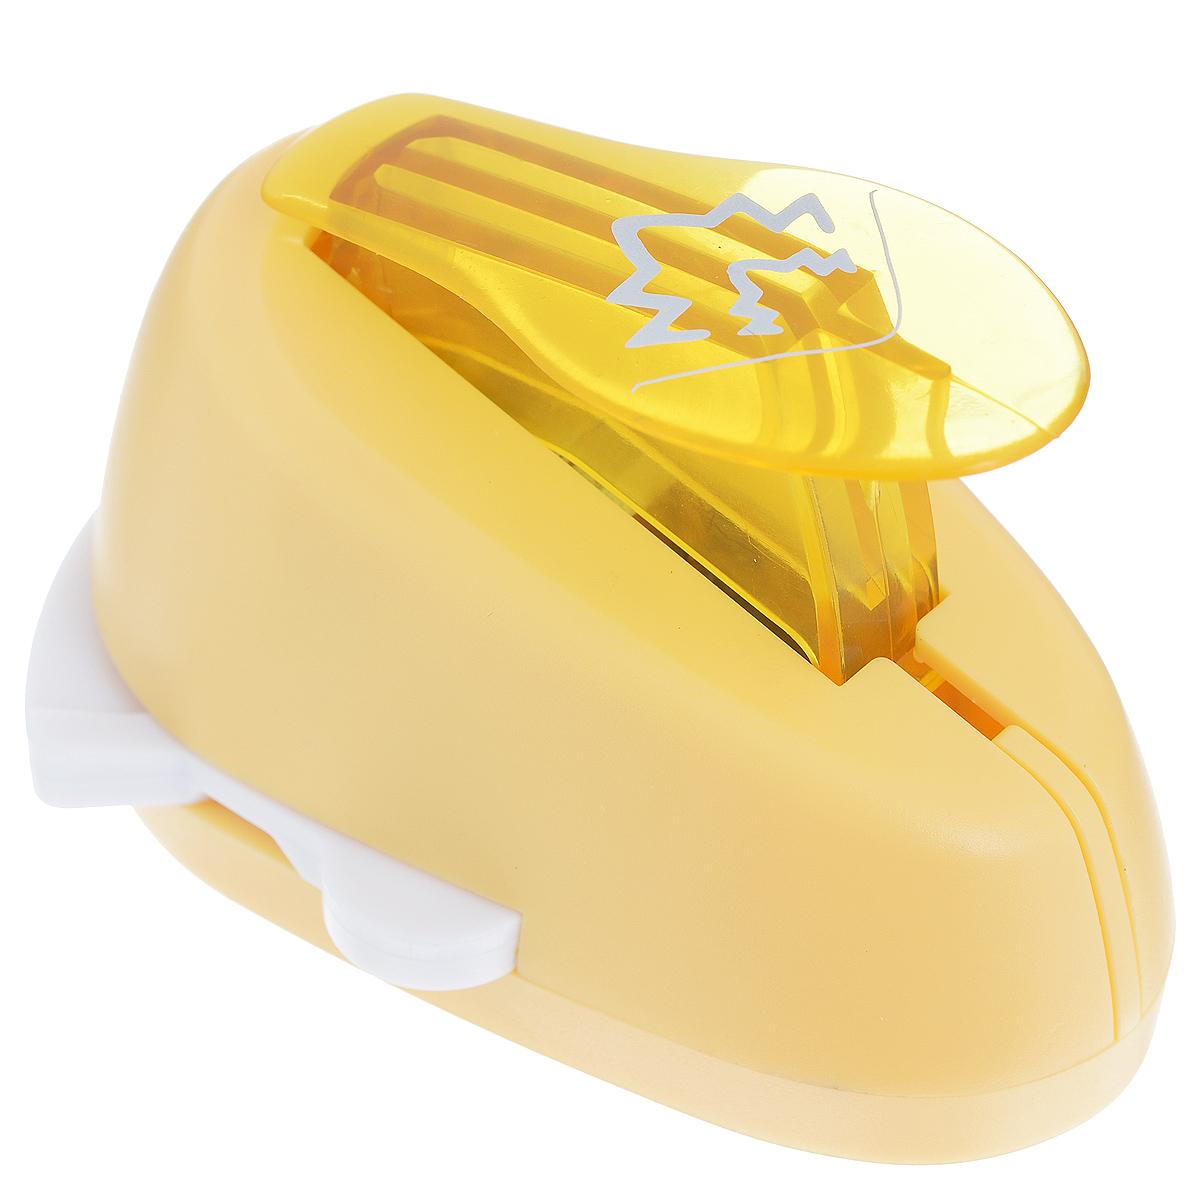 Дырокол фигурный Астра Зигзаги, угловой. CD-99MA7709609_14Дырокол Астра Зигзаги поможет вам легко, просто и аккуратно вырезать много одинаковых мелких фигурок. Режущие части компостера закрыты пластмассовым корпусом, что обеспечивает безопасность для детей. Вырезанные фигурки накапливаются в специальном резервуаре. Можно использовать вырезанные мотивы как конфетти или для наклеивания.Угловой дырокол подходит для разных техник: декупажа, скрапбукинга, декорирования.Размер дырокола: 8 см х 6 см х 5 см. Размер готовой фигурки: 2,5 см х 2 см.